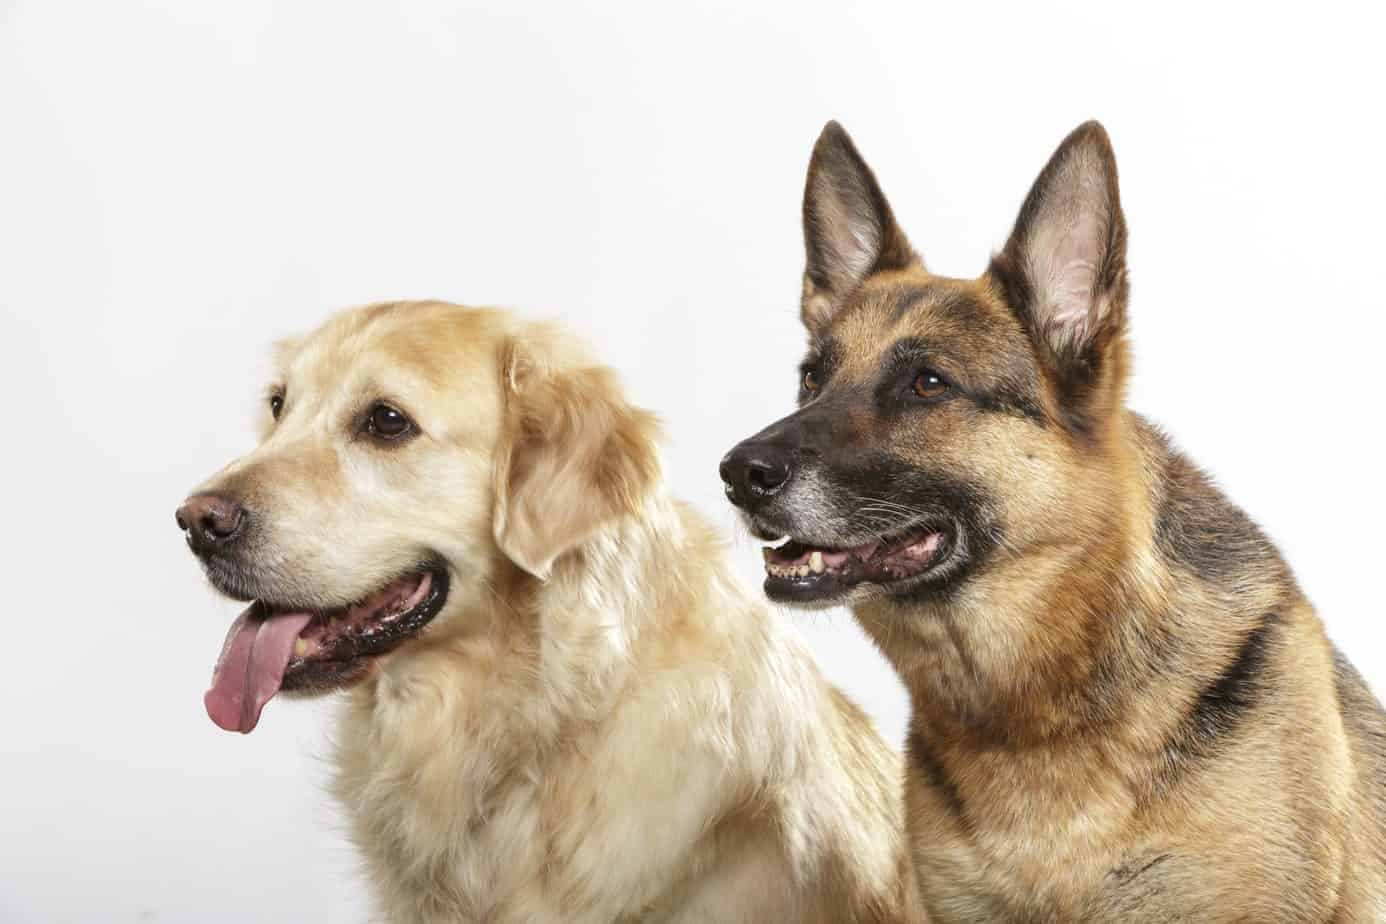 Golden-Retriever-German-Shepherd-Mix-Meet-The-Golden-Shepherd